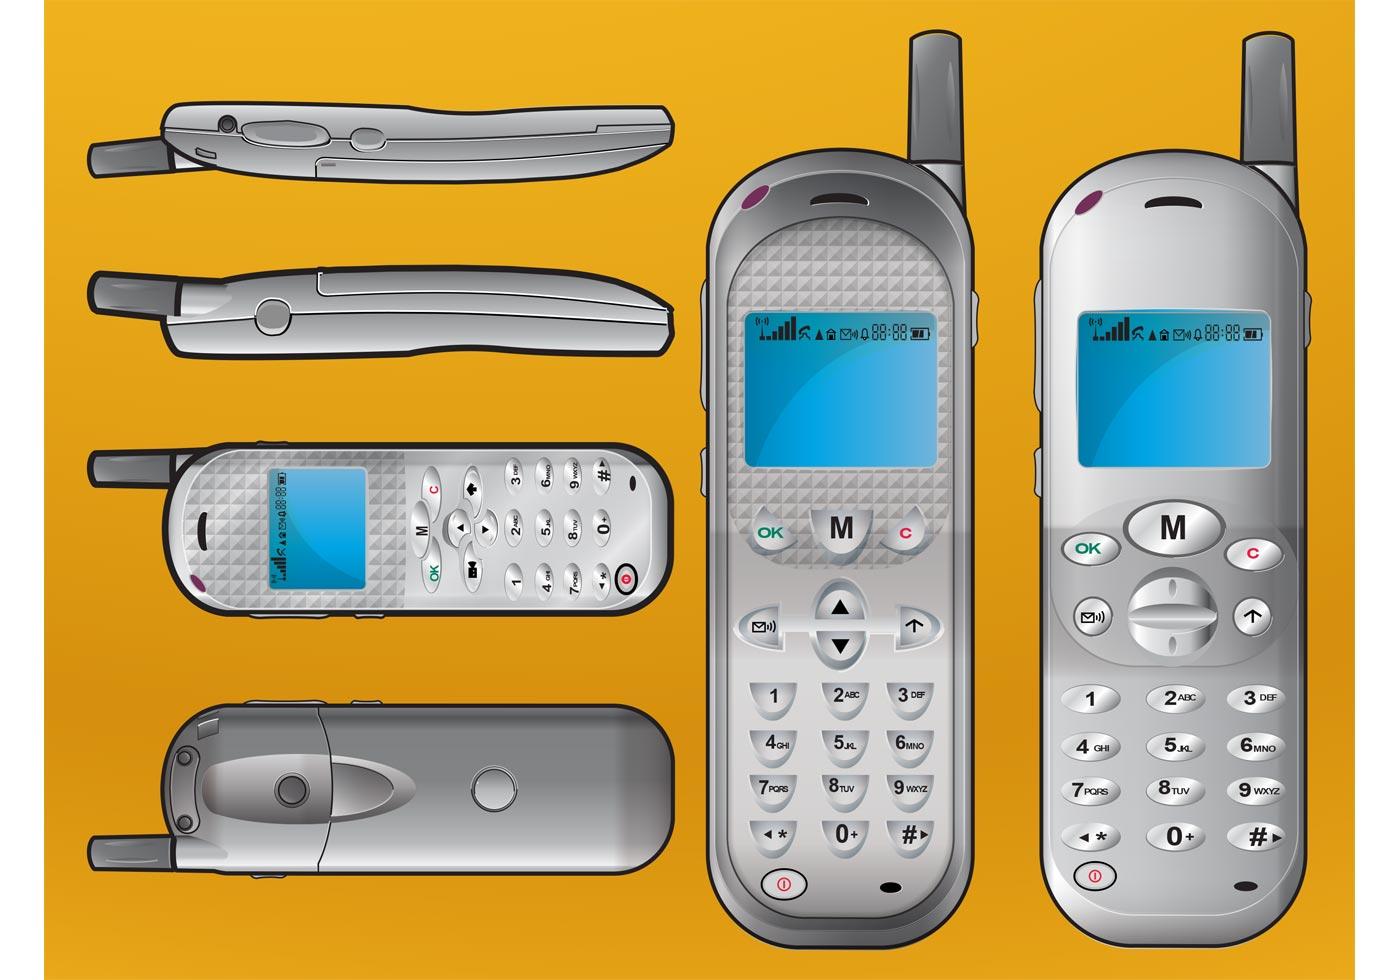 Gratis Ældre mobiltelefon Animationer - Hot Nude-8202